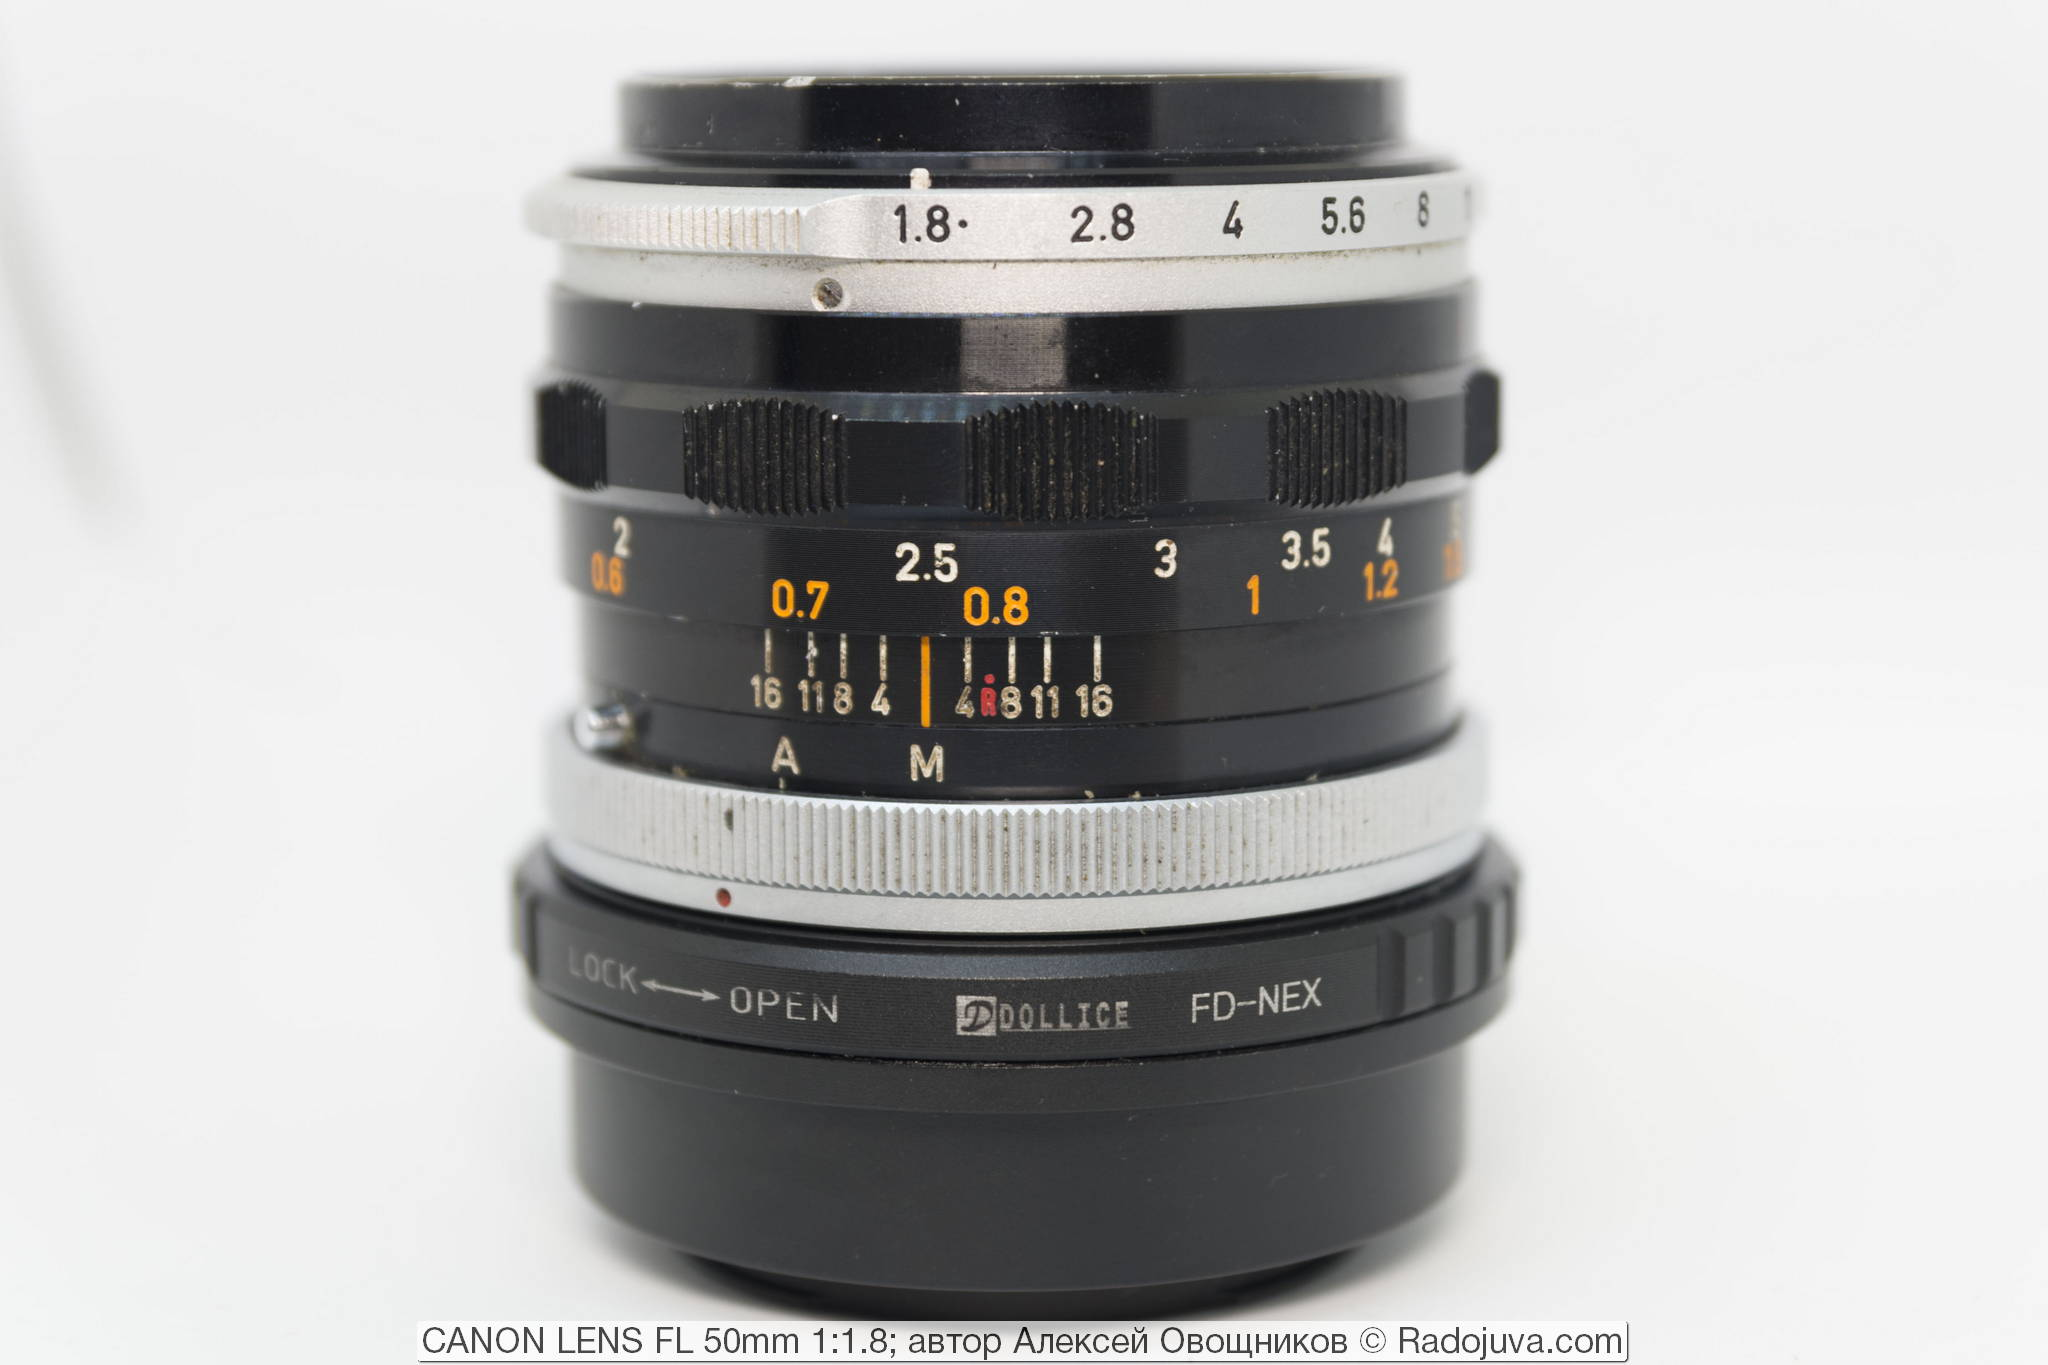 CANON LENS FL 50mm 1:1.8